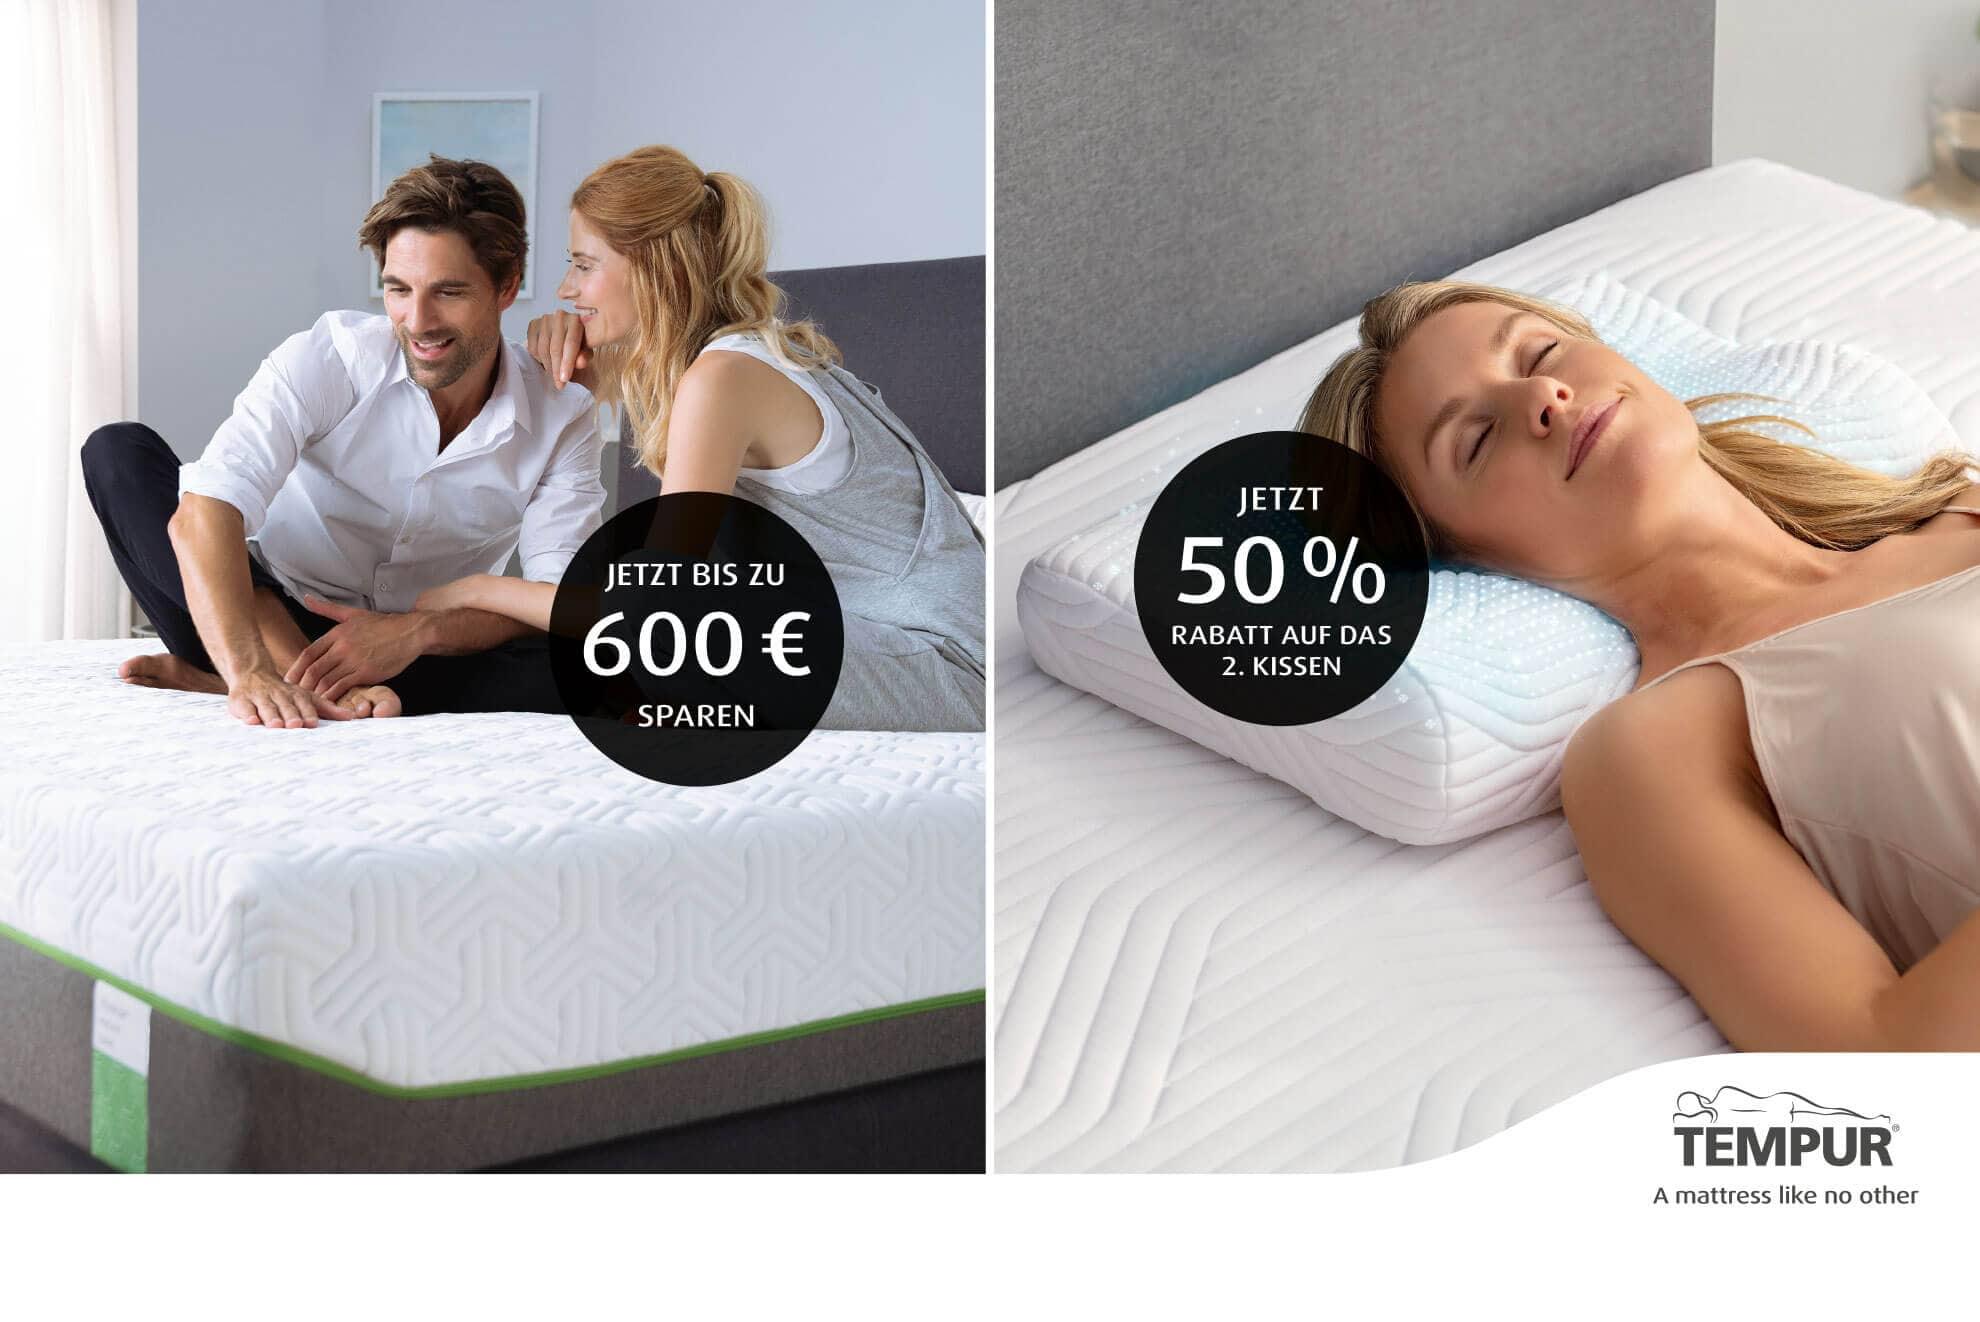 TEMPUR® Matratzen und Kissen-Aktion